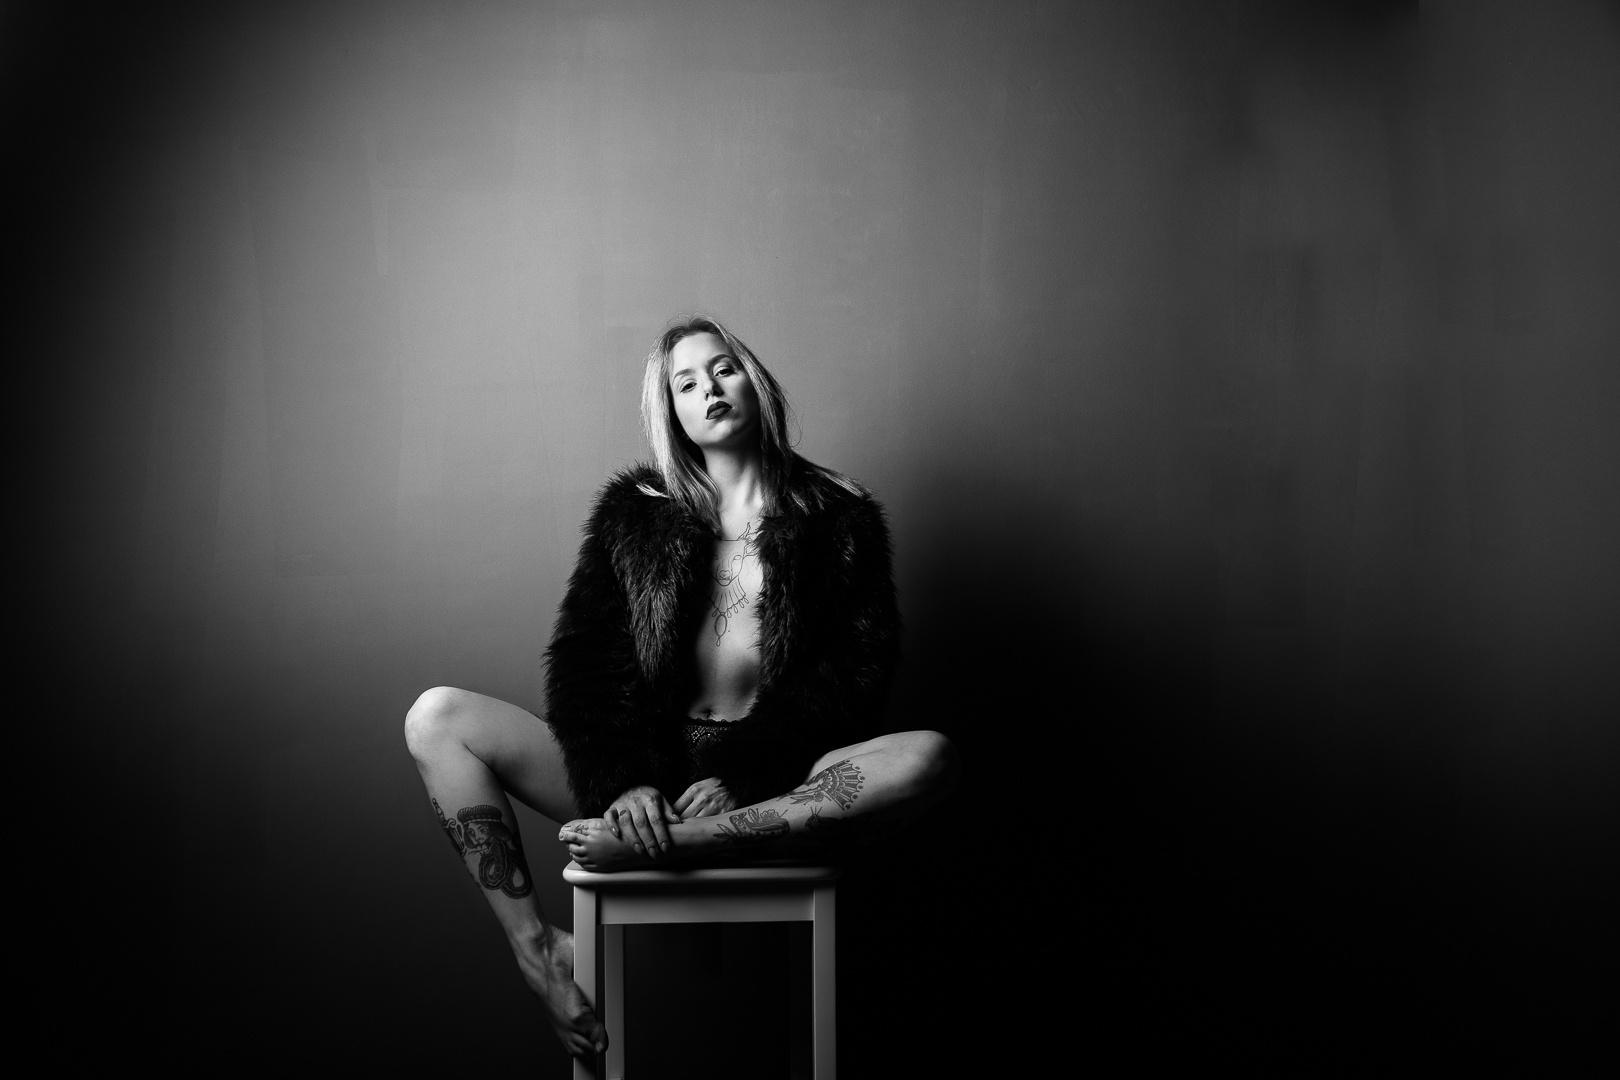 Retratos/some fatal black and white #2